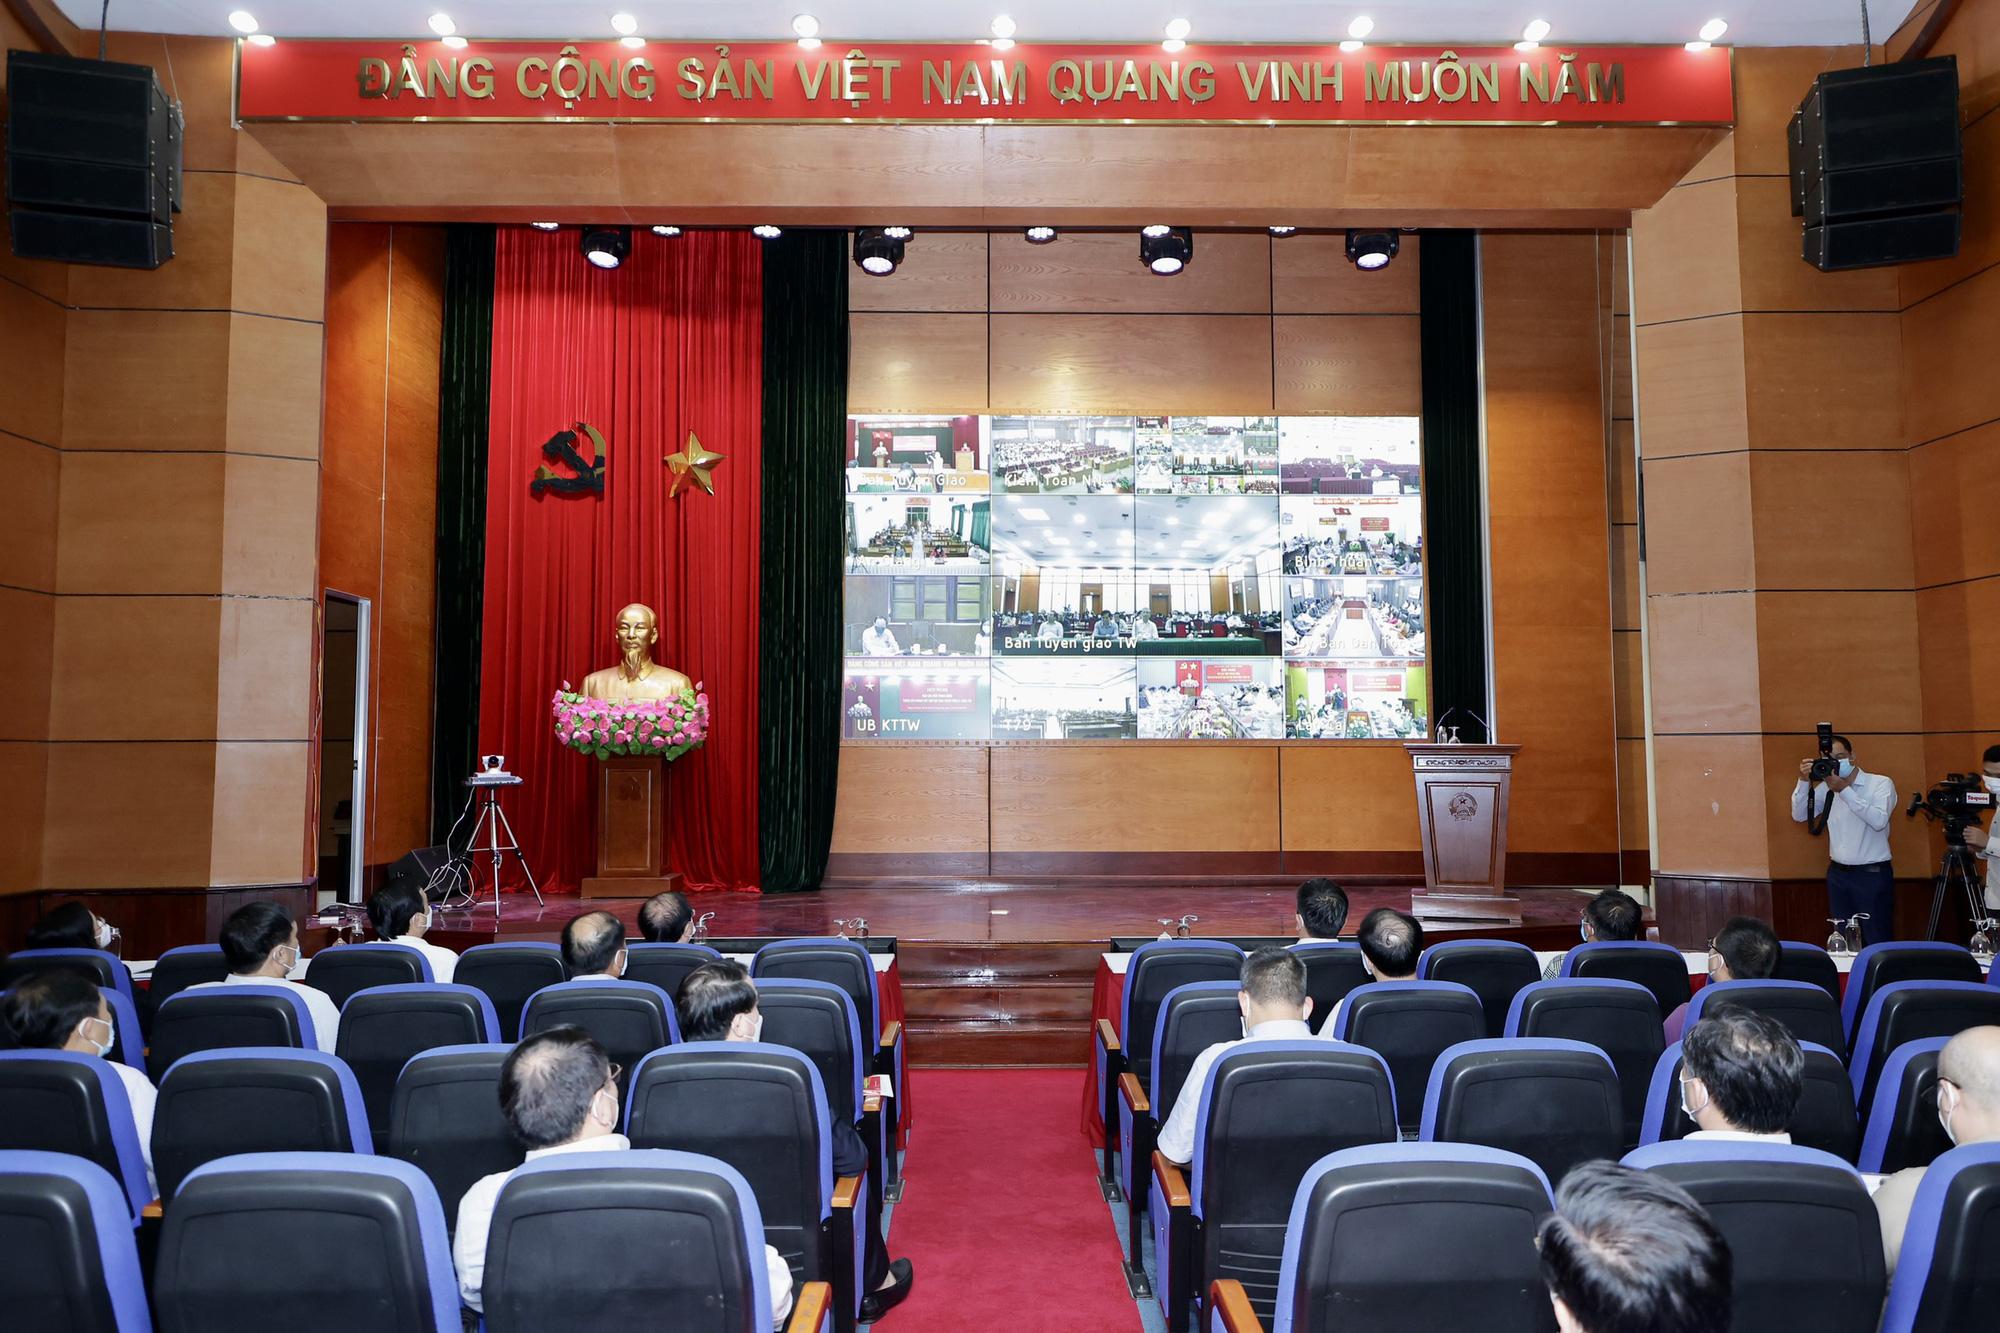 72 tổ chức Đảng trực thuộc Bộ VHTTDL tham gia Hội nghị thông báo kết quả Hội nghị lần thứ 4 BCH Trung ương Đảng khóa XIII  - Ảnh 3.